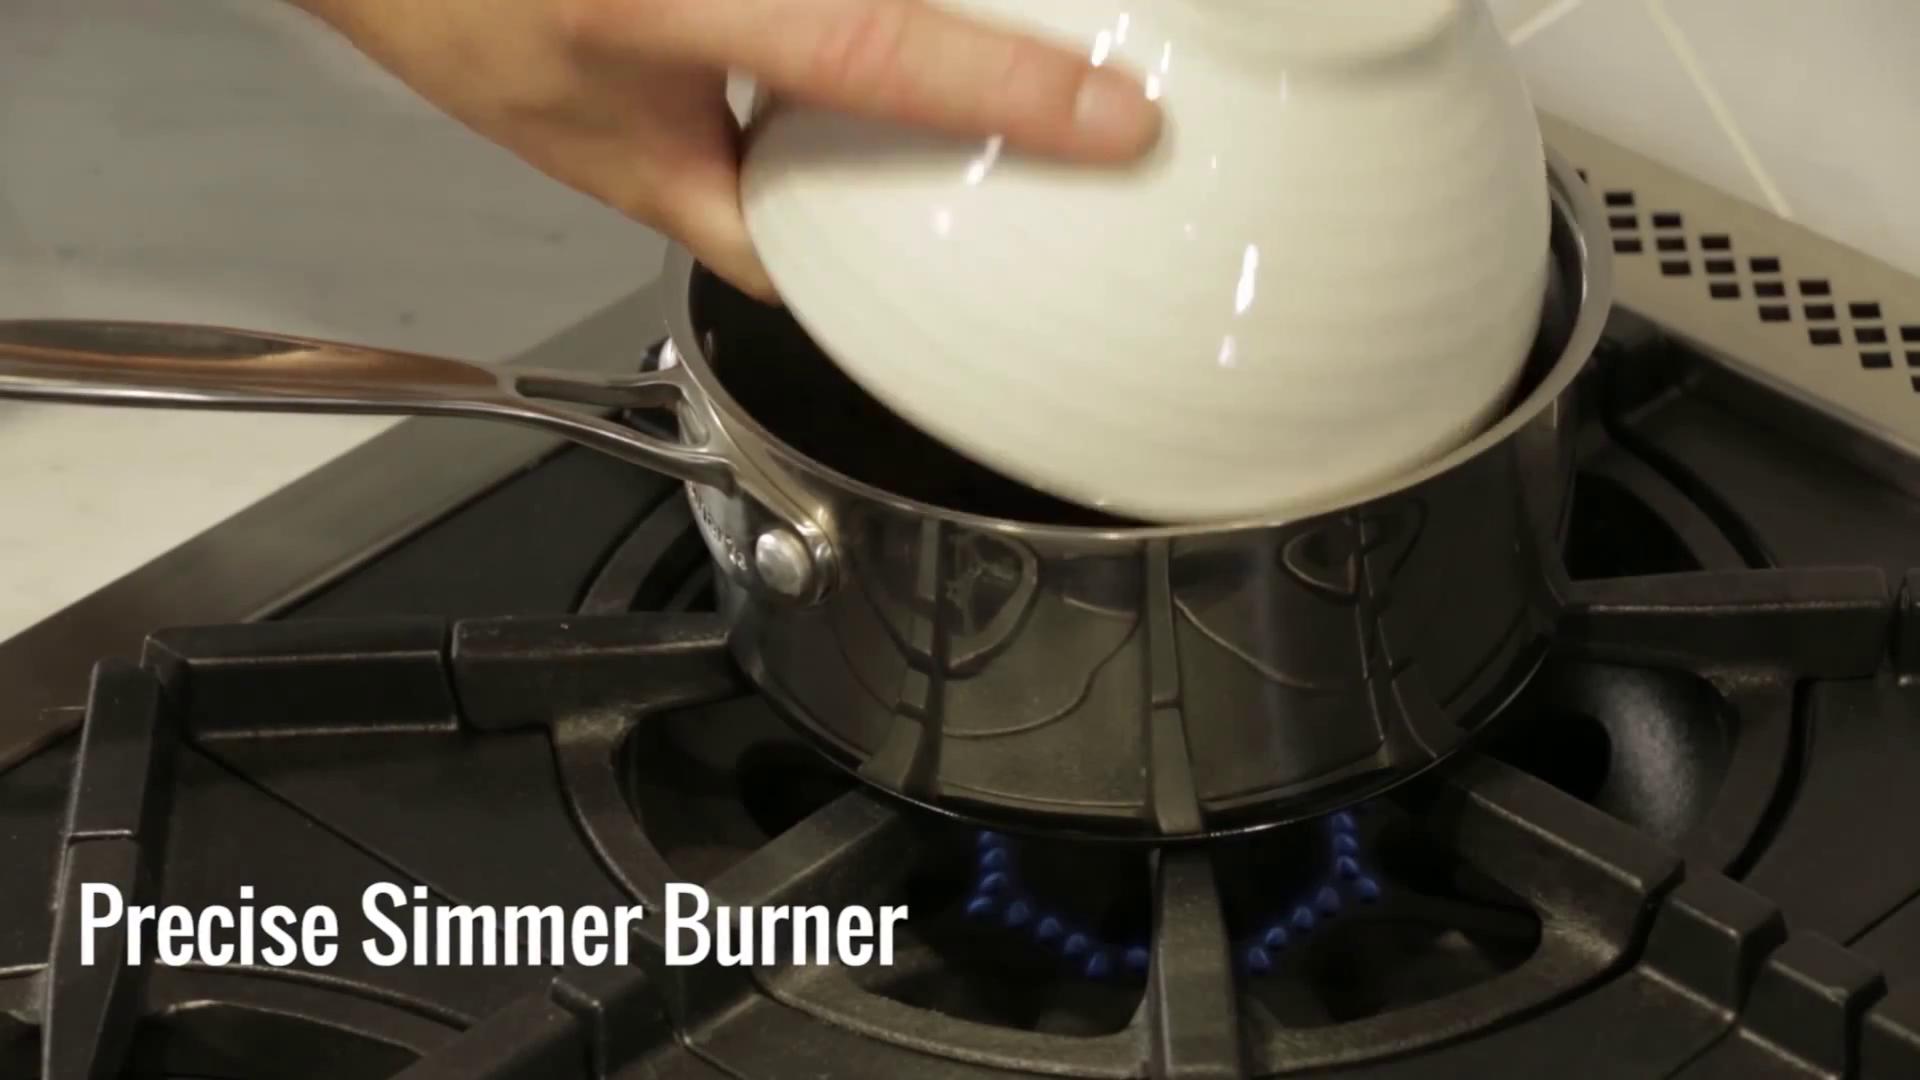 BlueStar: Burners